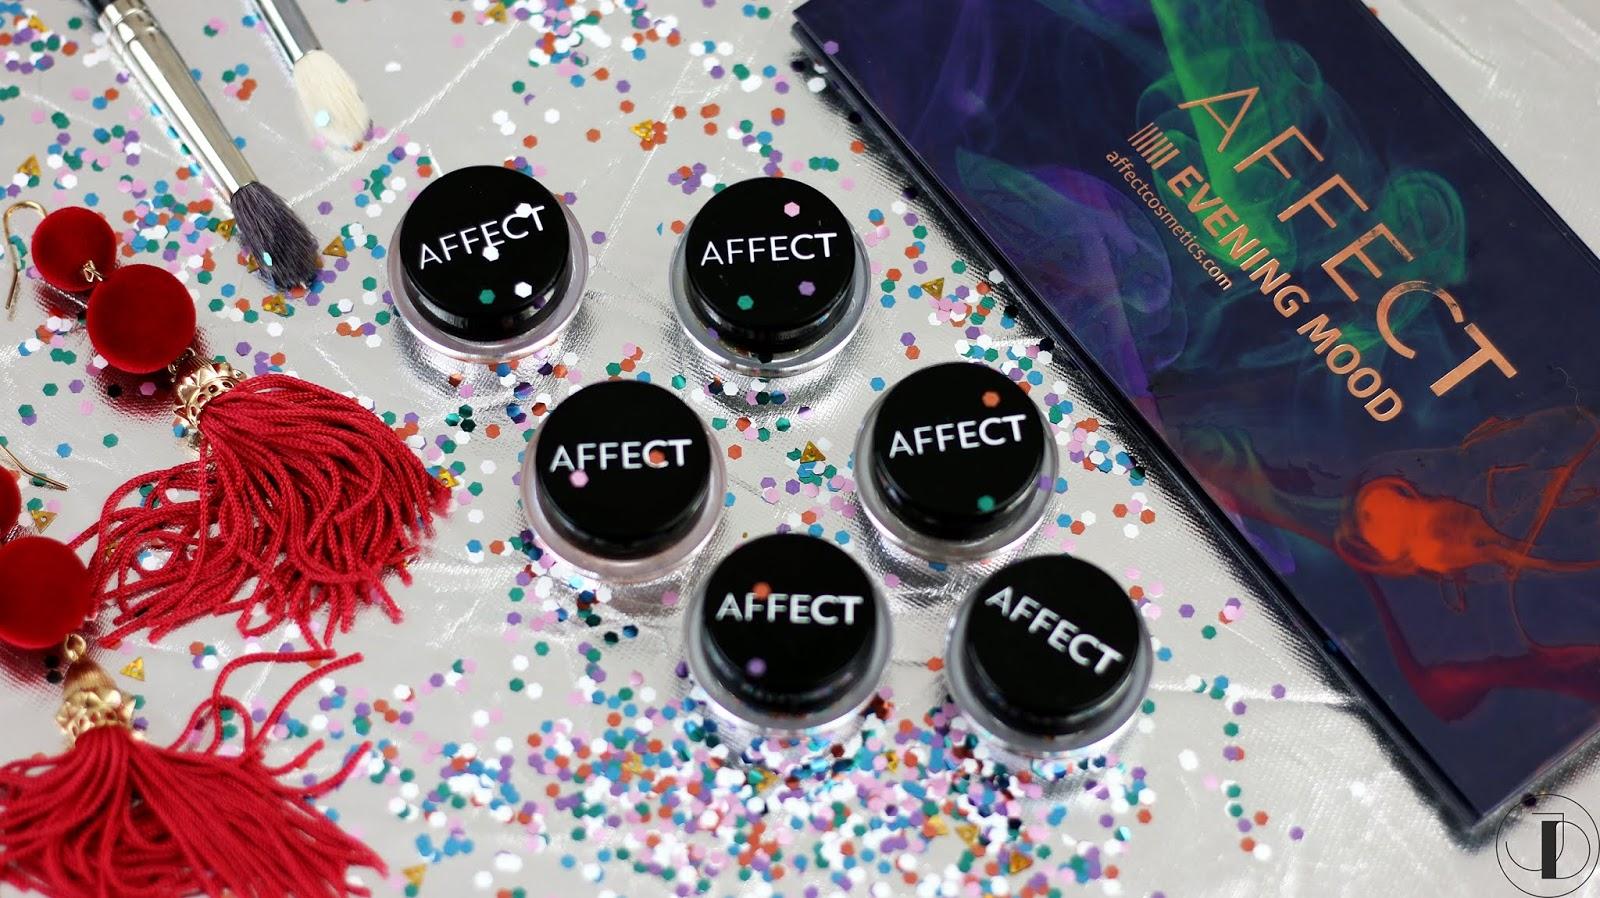 BĄDŹ CZARUJĄCA! Recenzja pigmentów od AFFECT Cosmetics Charmy Pigment + makijaż